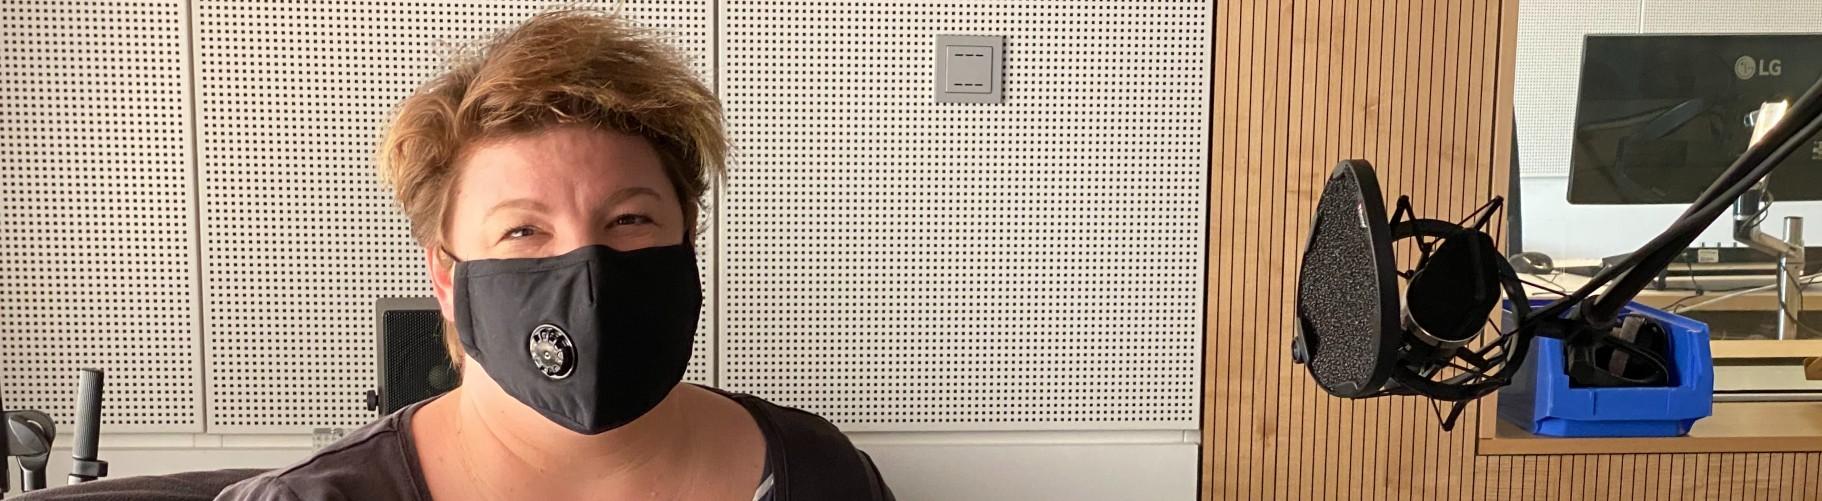 Tatortreinigerin Janine Schweitzer im Studio bei Deutschlandfunk Nova